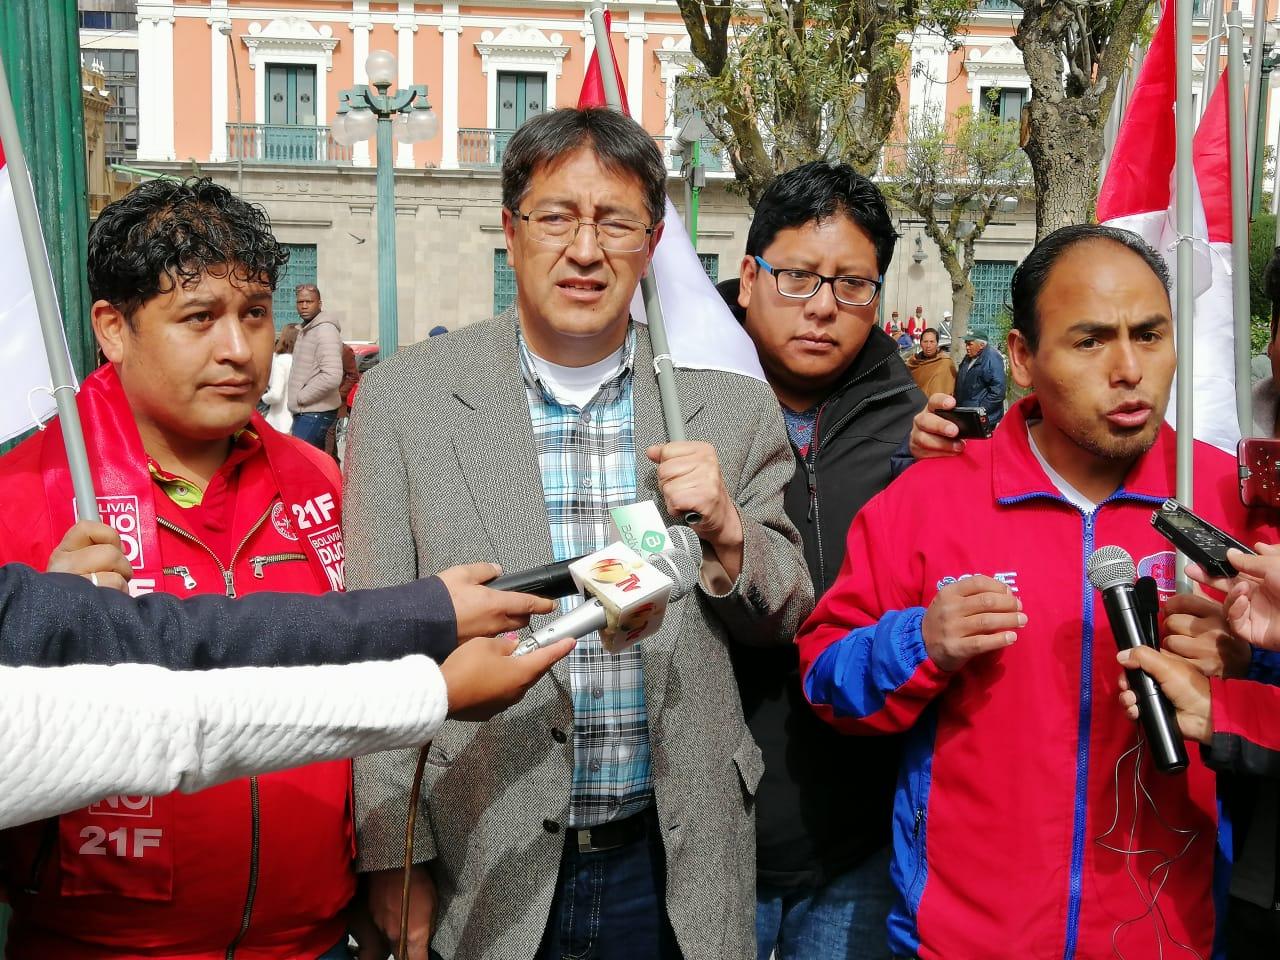 Bolivia Dice No designa a Gonzalo Barrientos como su primer diputado plurinominal